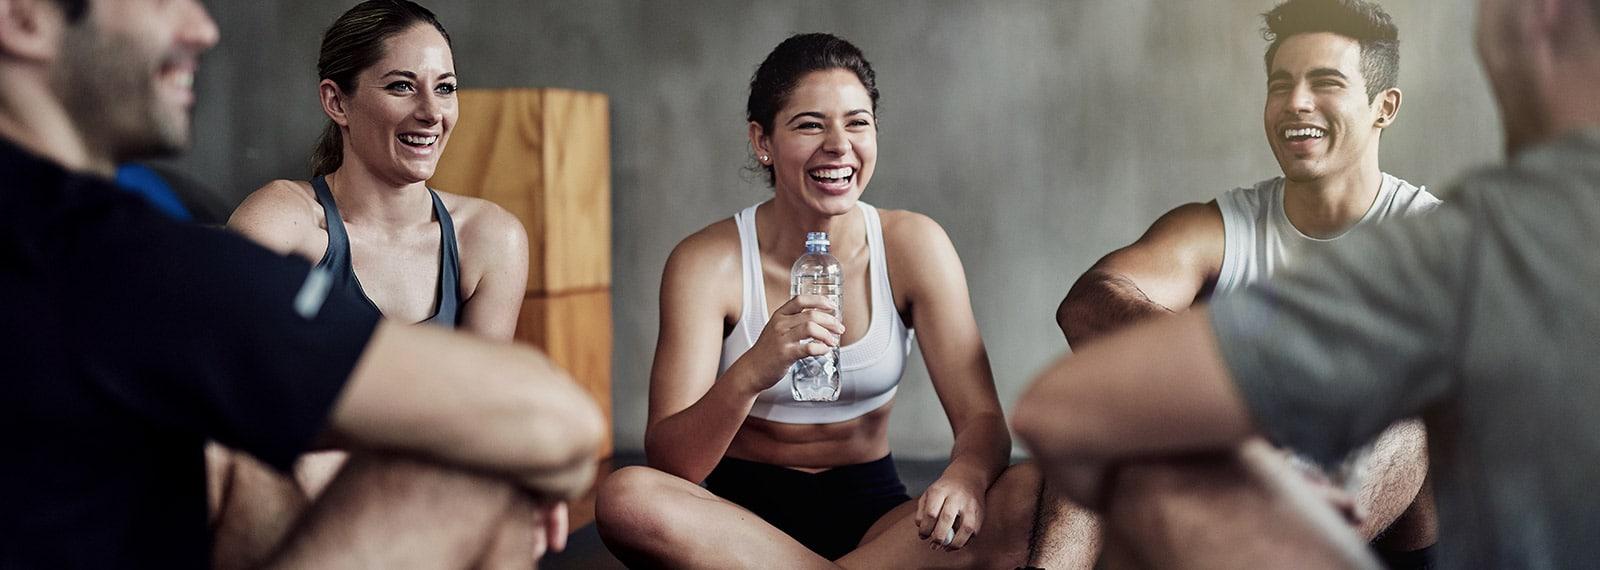 Junge Mitarbeiter der Fitness-Lofts